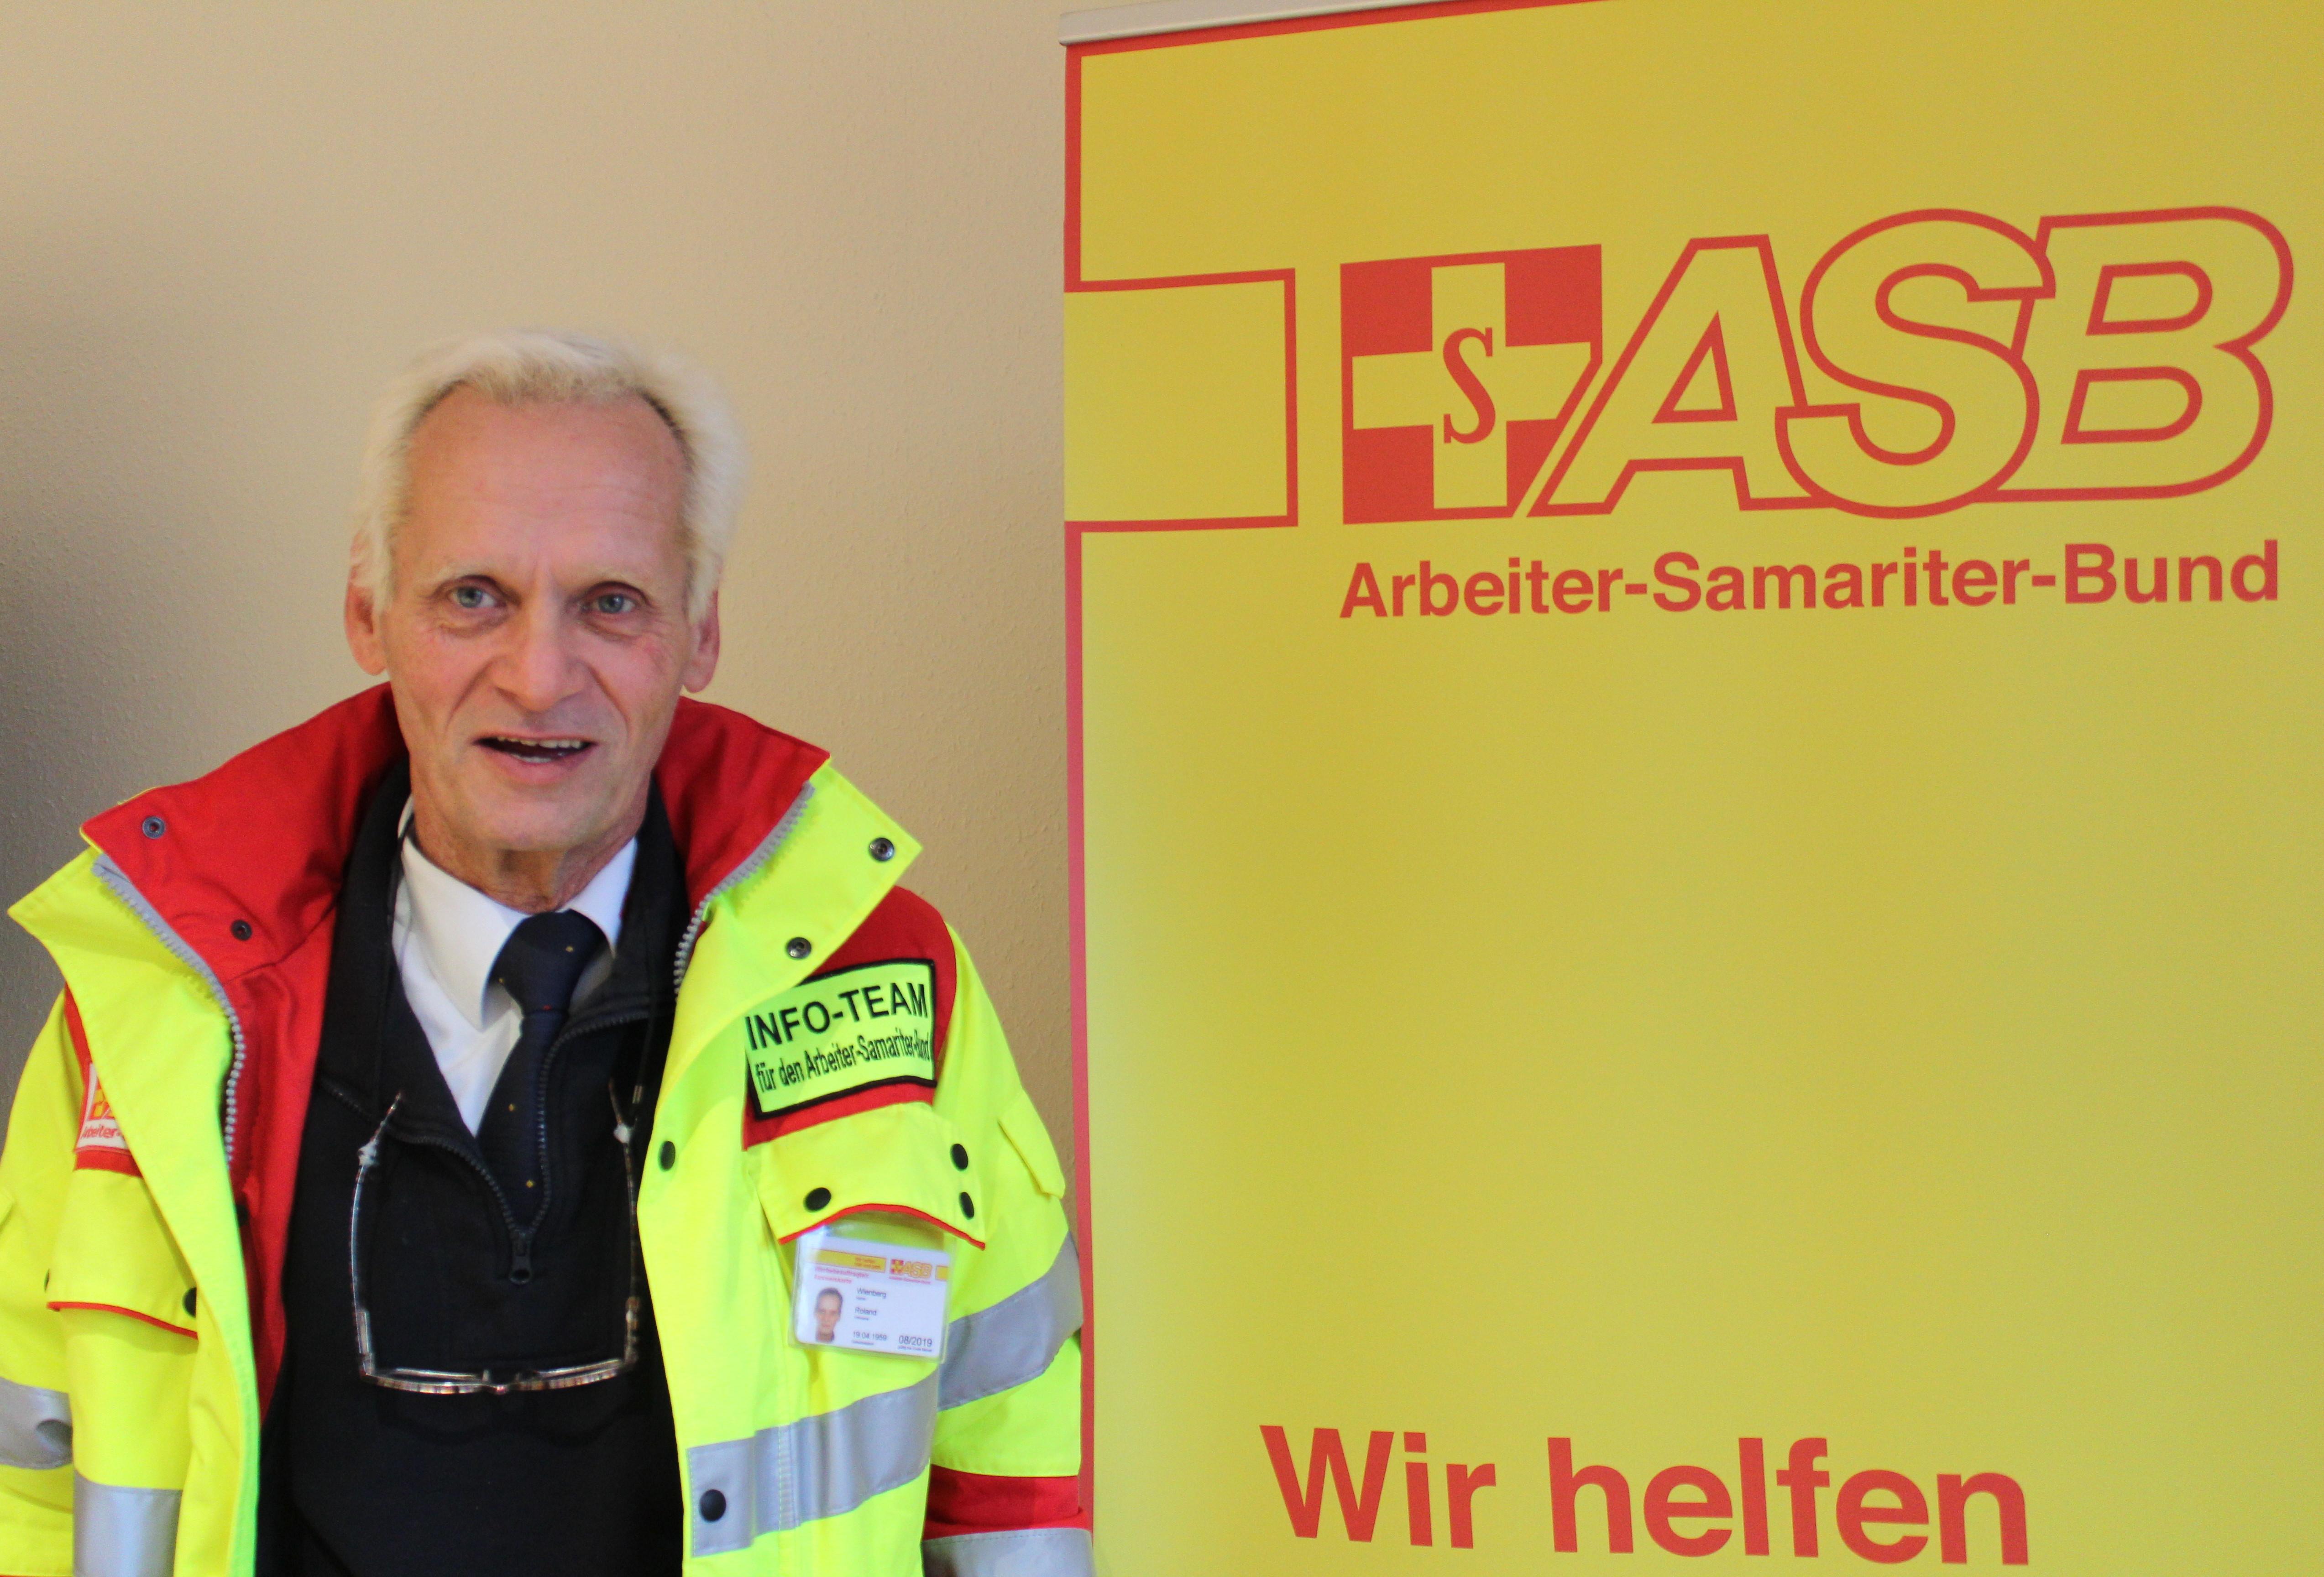 Asb Saarland Startet Diesjährige Mitgliederwerbung An Haustüren